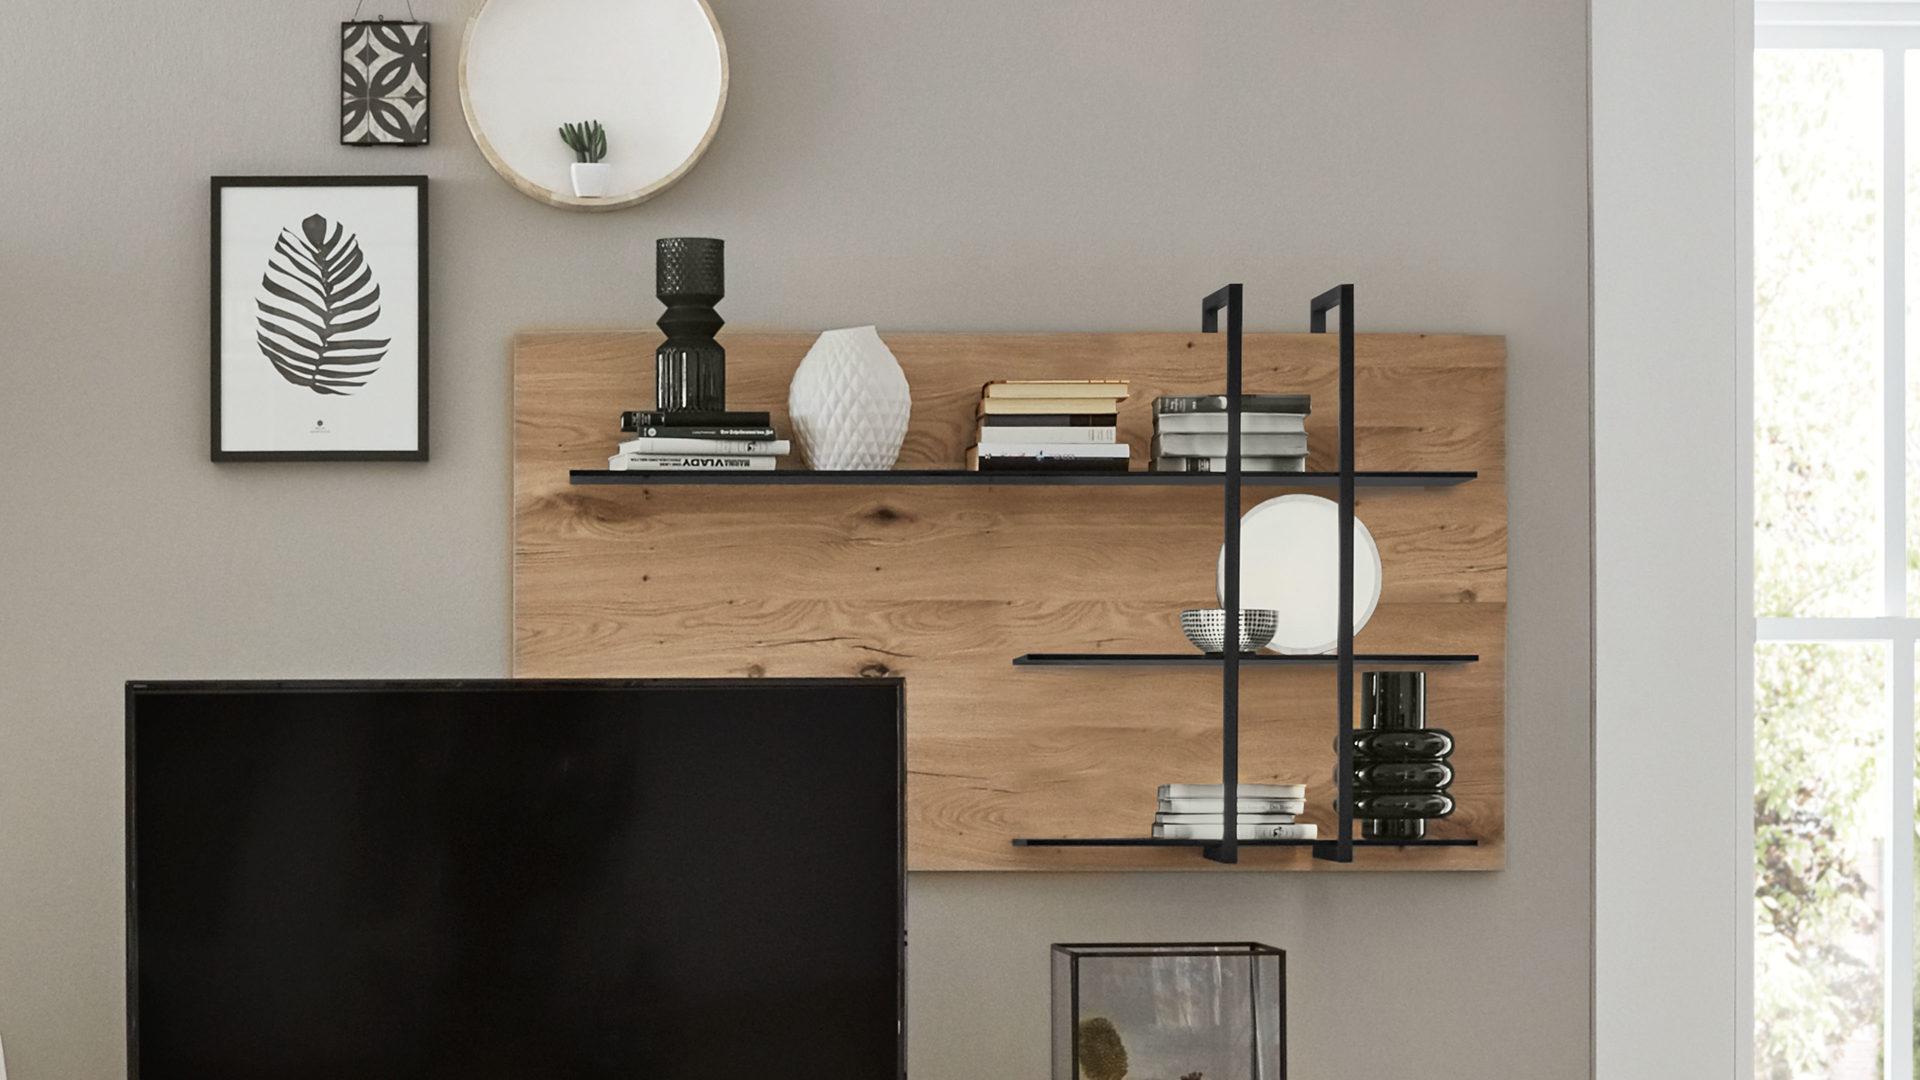 Interliving Wohnzimmer Serie 5 – Wandregal, rechts, Balkeneiche – ca.  5 x 5 cm